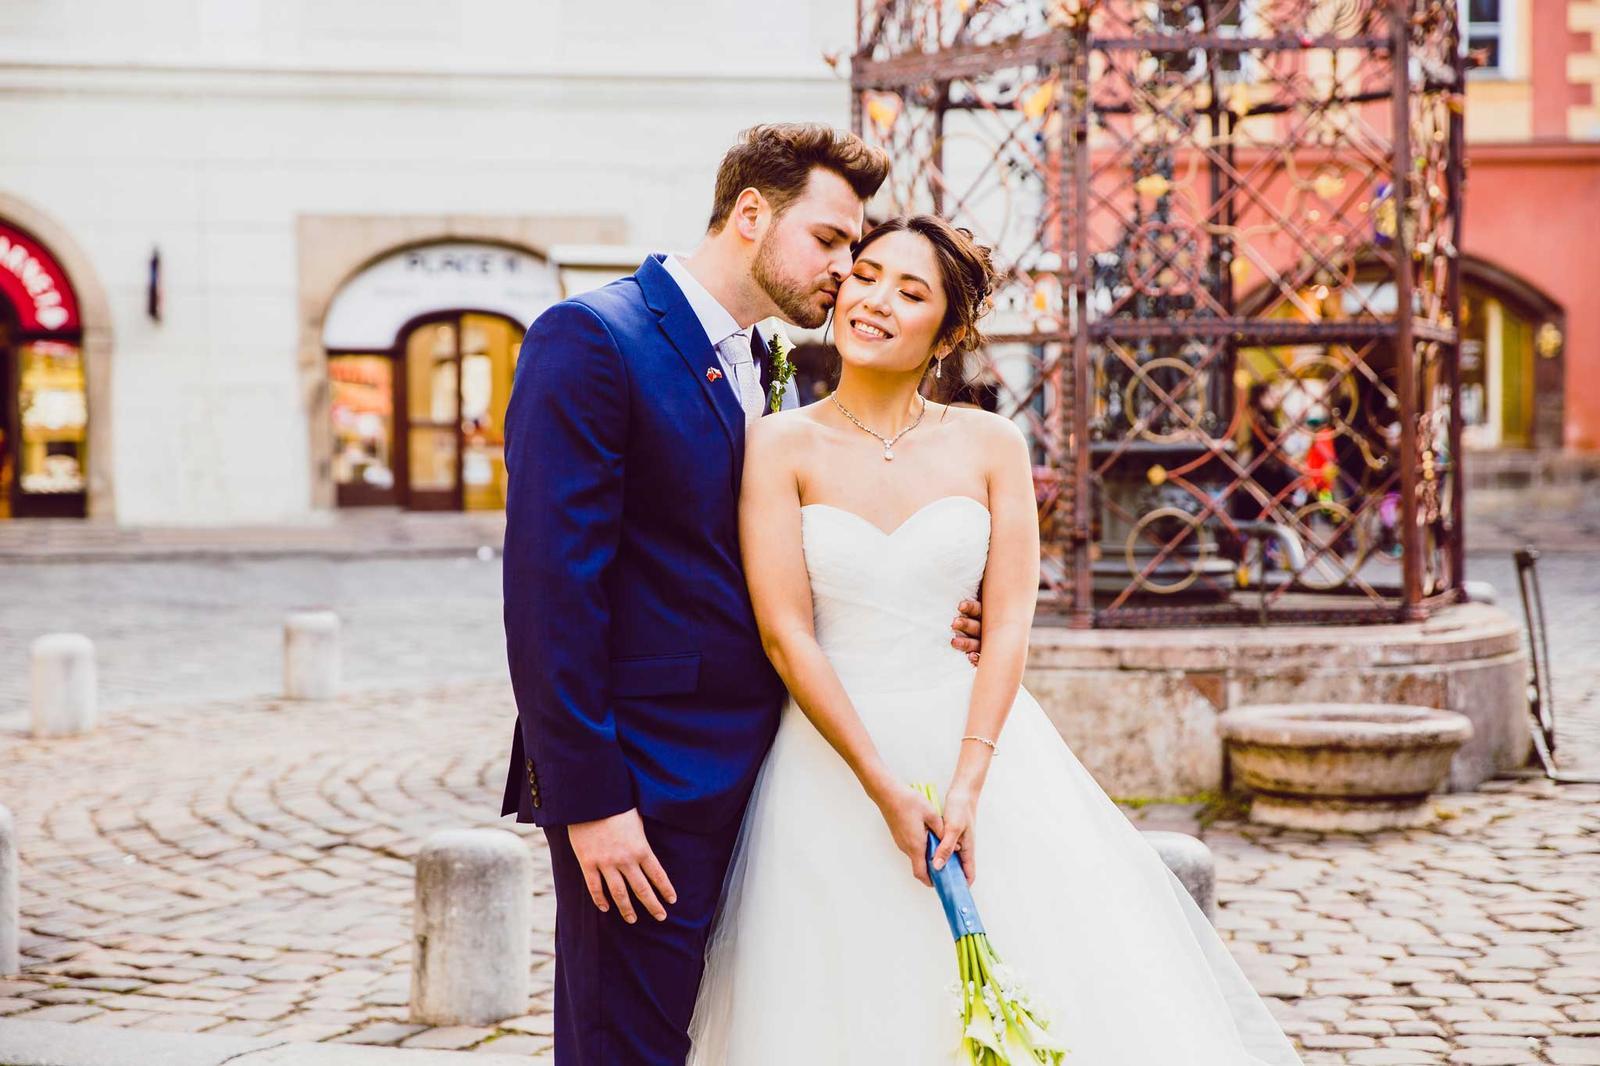 svatebni_foto_pro_vas - Svatba v Praze